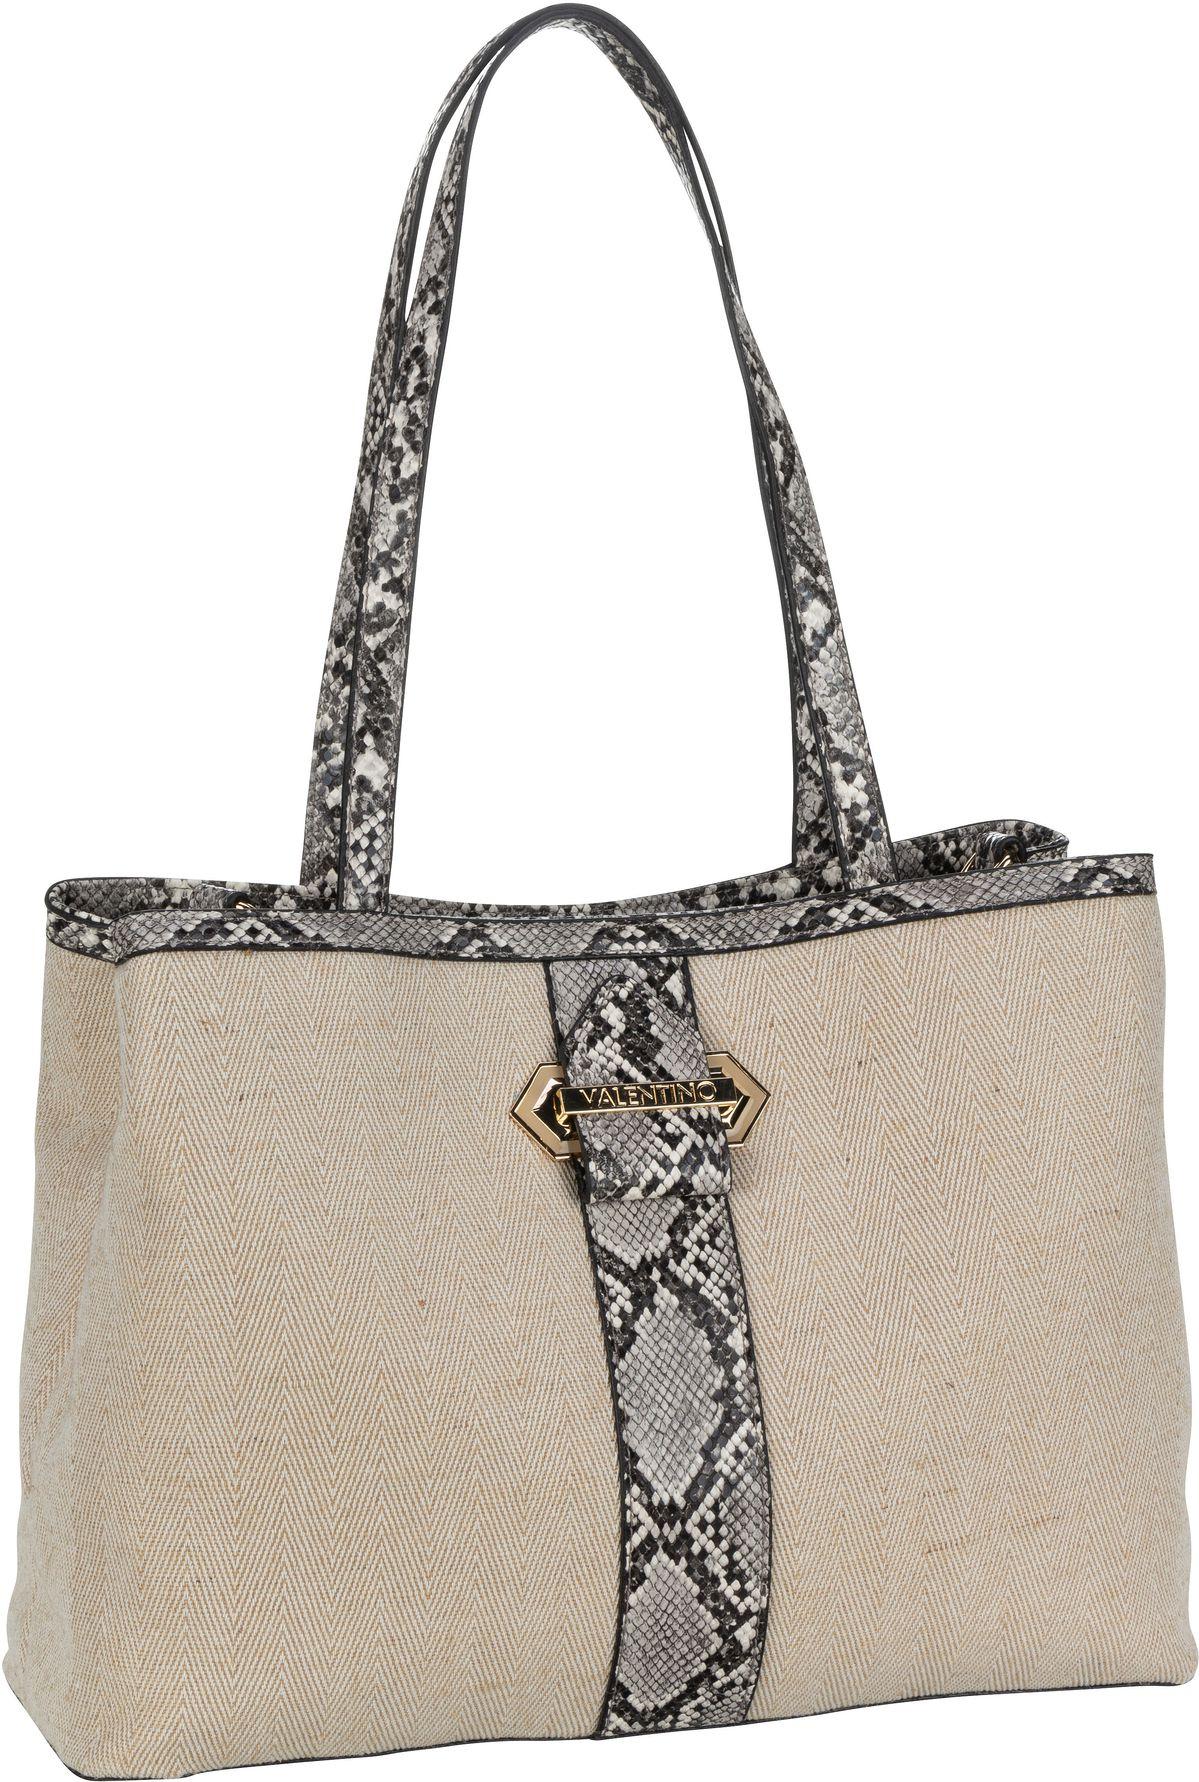 Bags Handtasche Gigante Shopping P01 Natur/Roccia